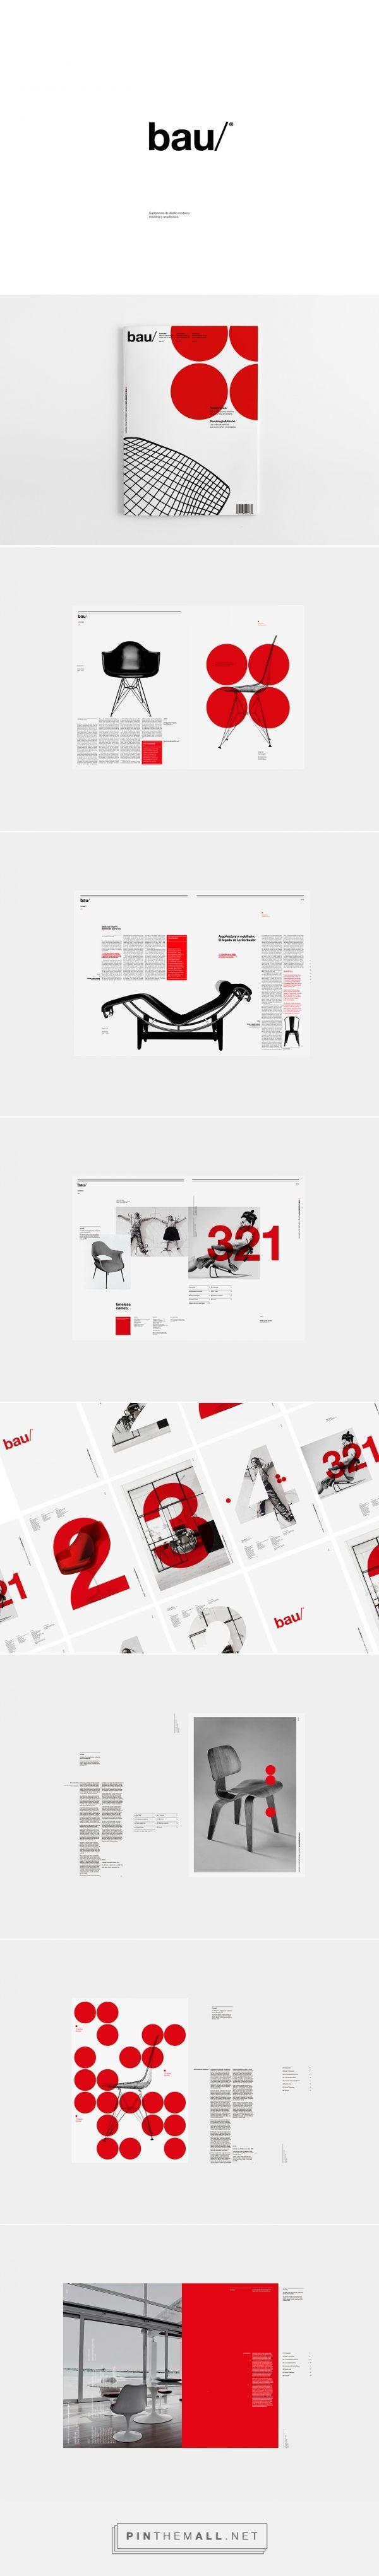 bau® Magazine on Behance - created via https://pinthemall.net - Instagram, Pinterest & Twitter: @TrustVital